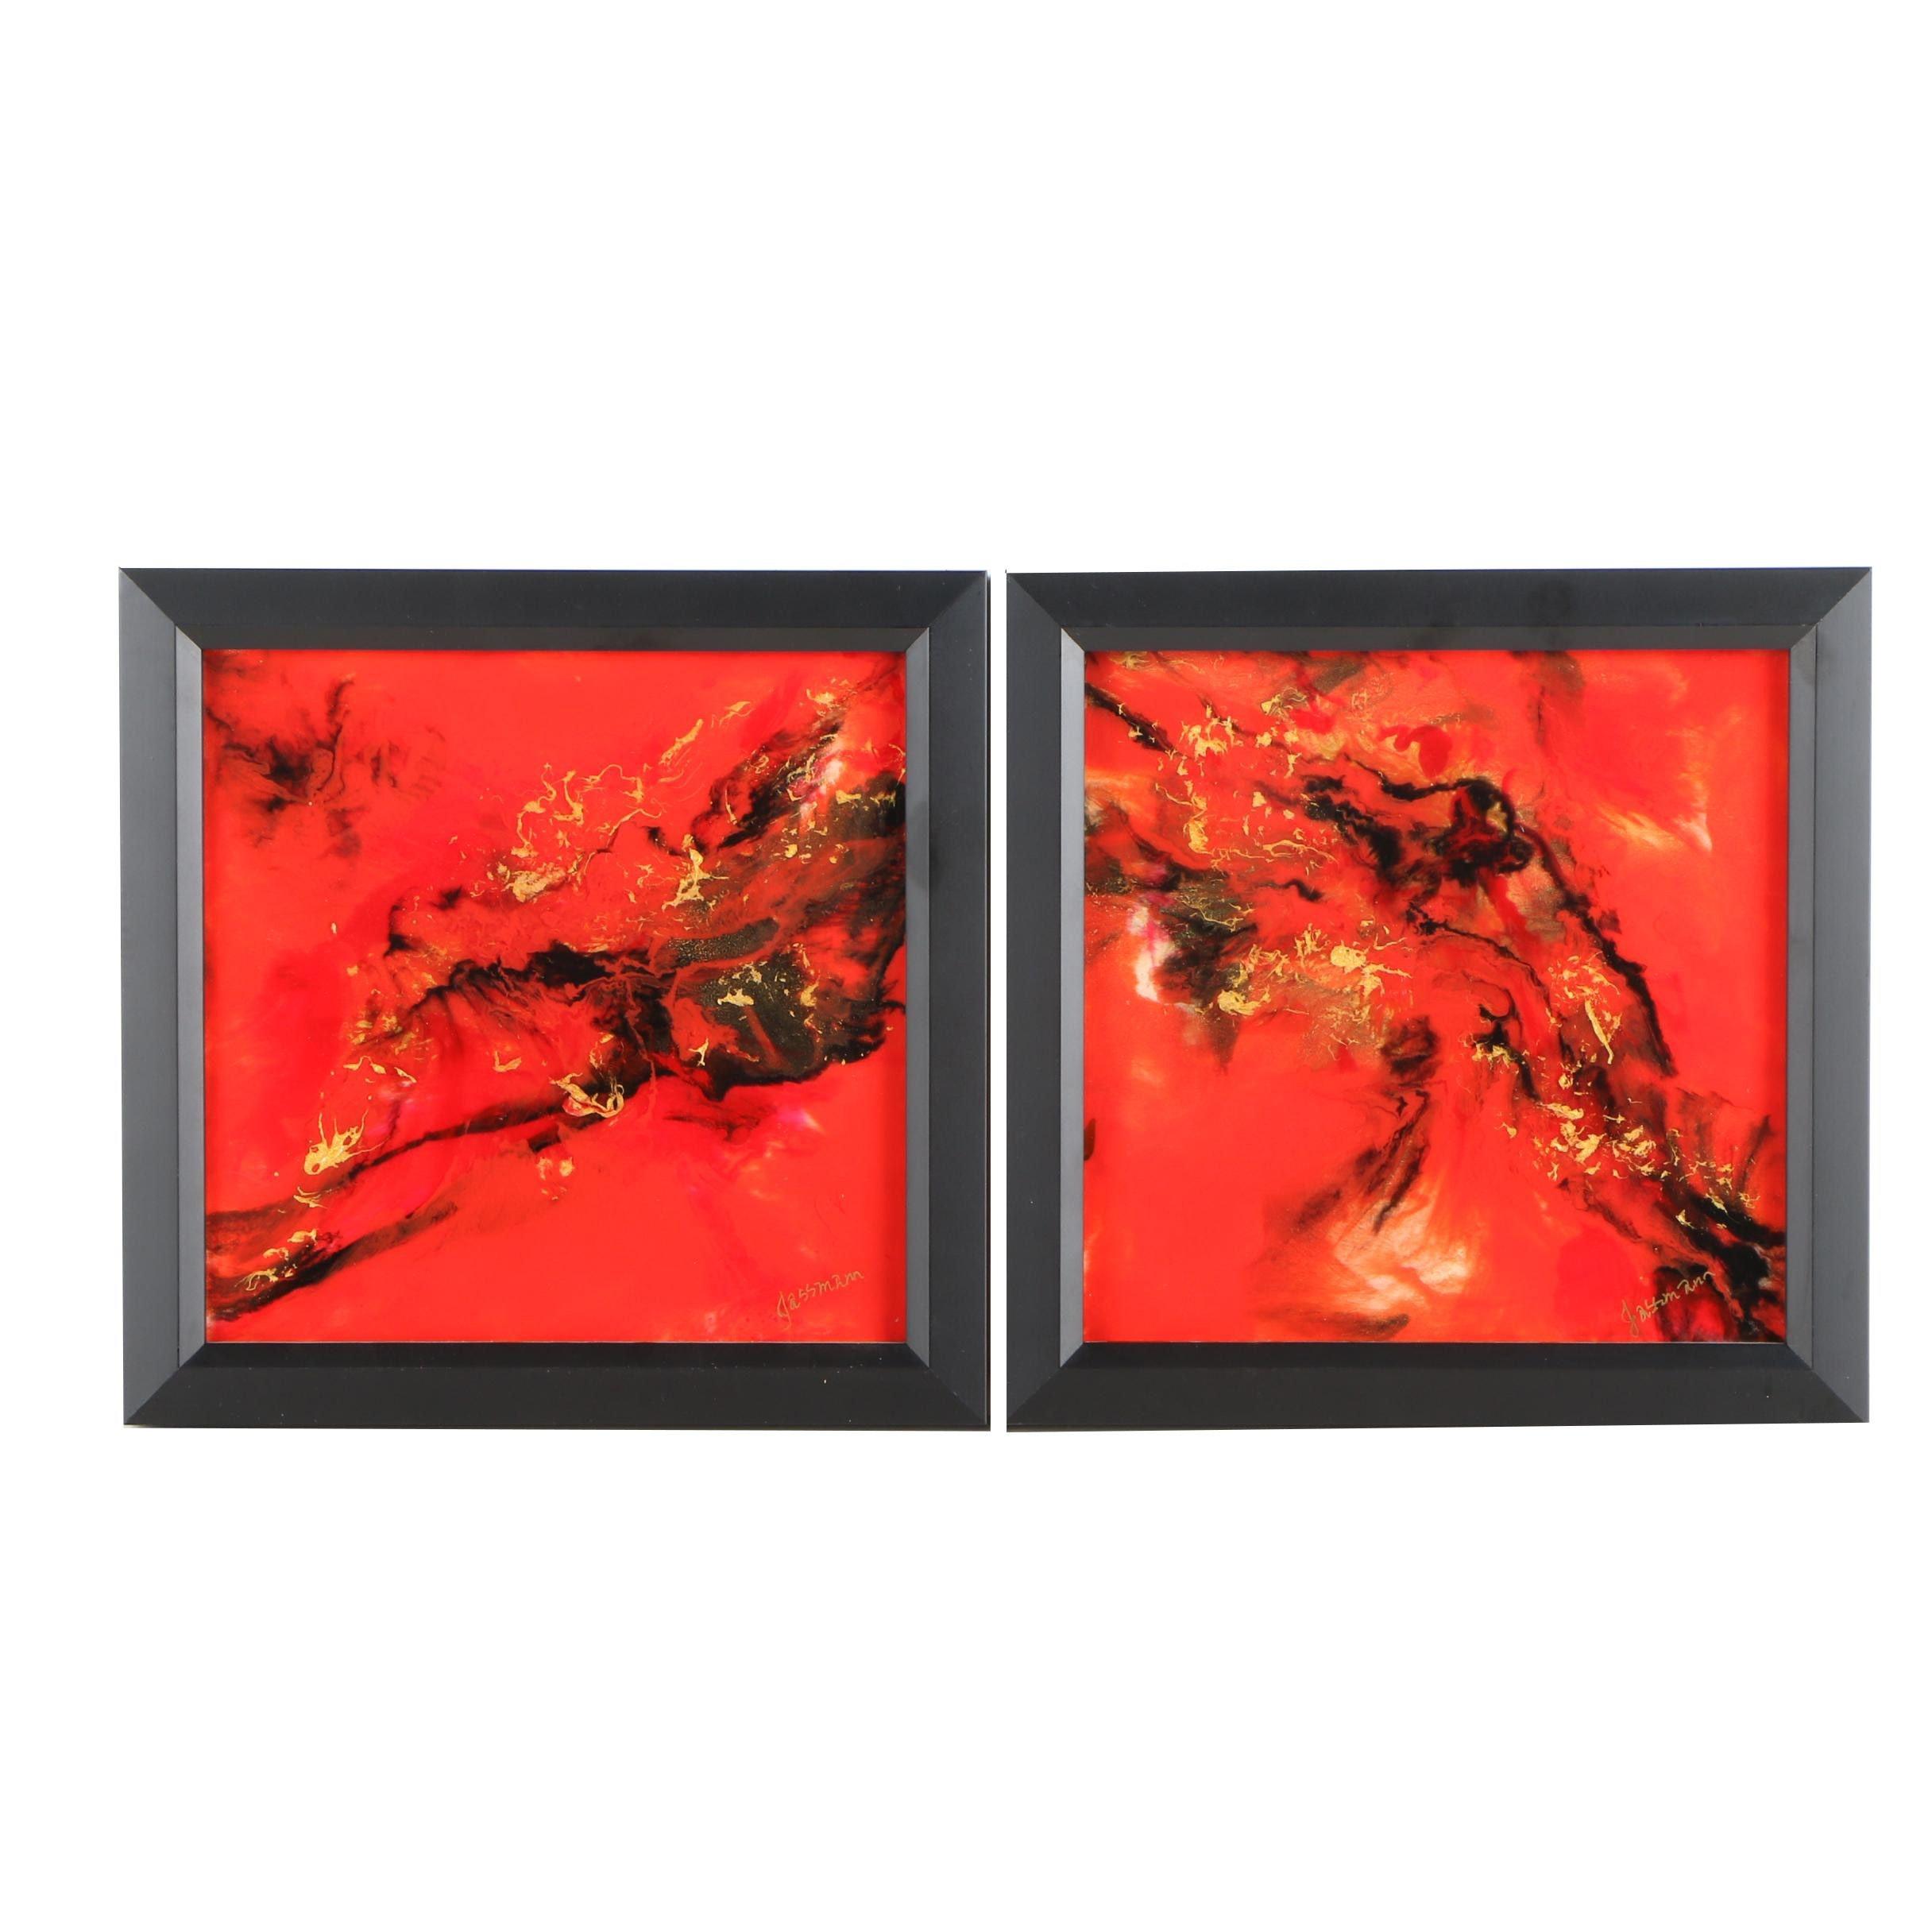 Donna Jassmann Acrylic Paintings on Canvas and Glass